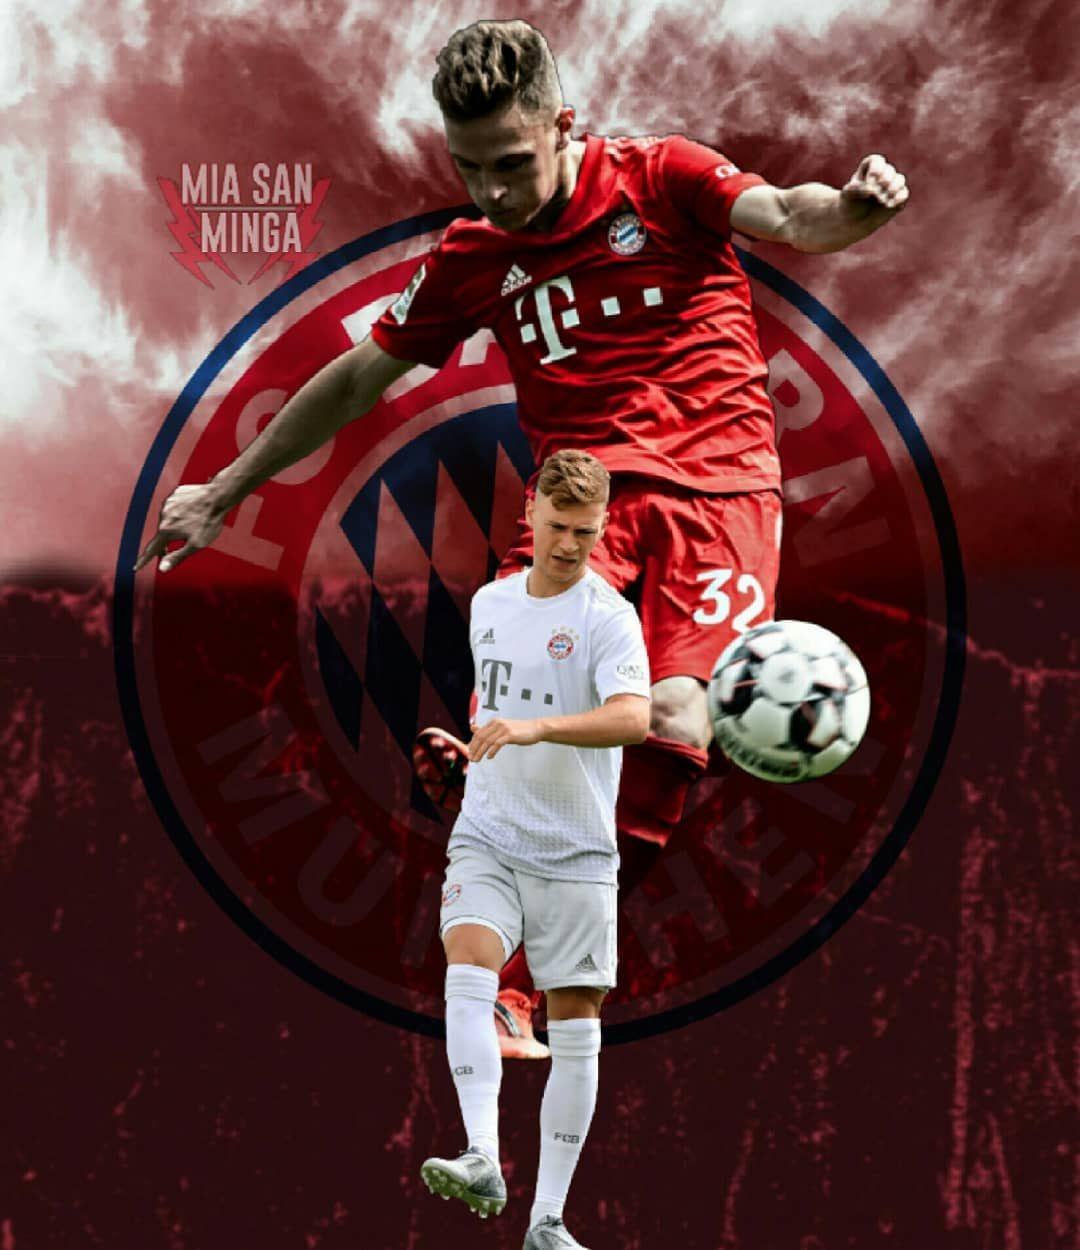 Fcbayern Fanpage On Instagram Anzeige Konnte Joshua Kimmich Eine Bayern Legende Werden A Ja Auf Jeden Fall B Nein Bitte B Kimmich Joshua Kimmich Bayern